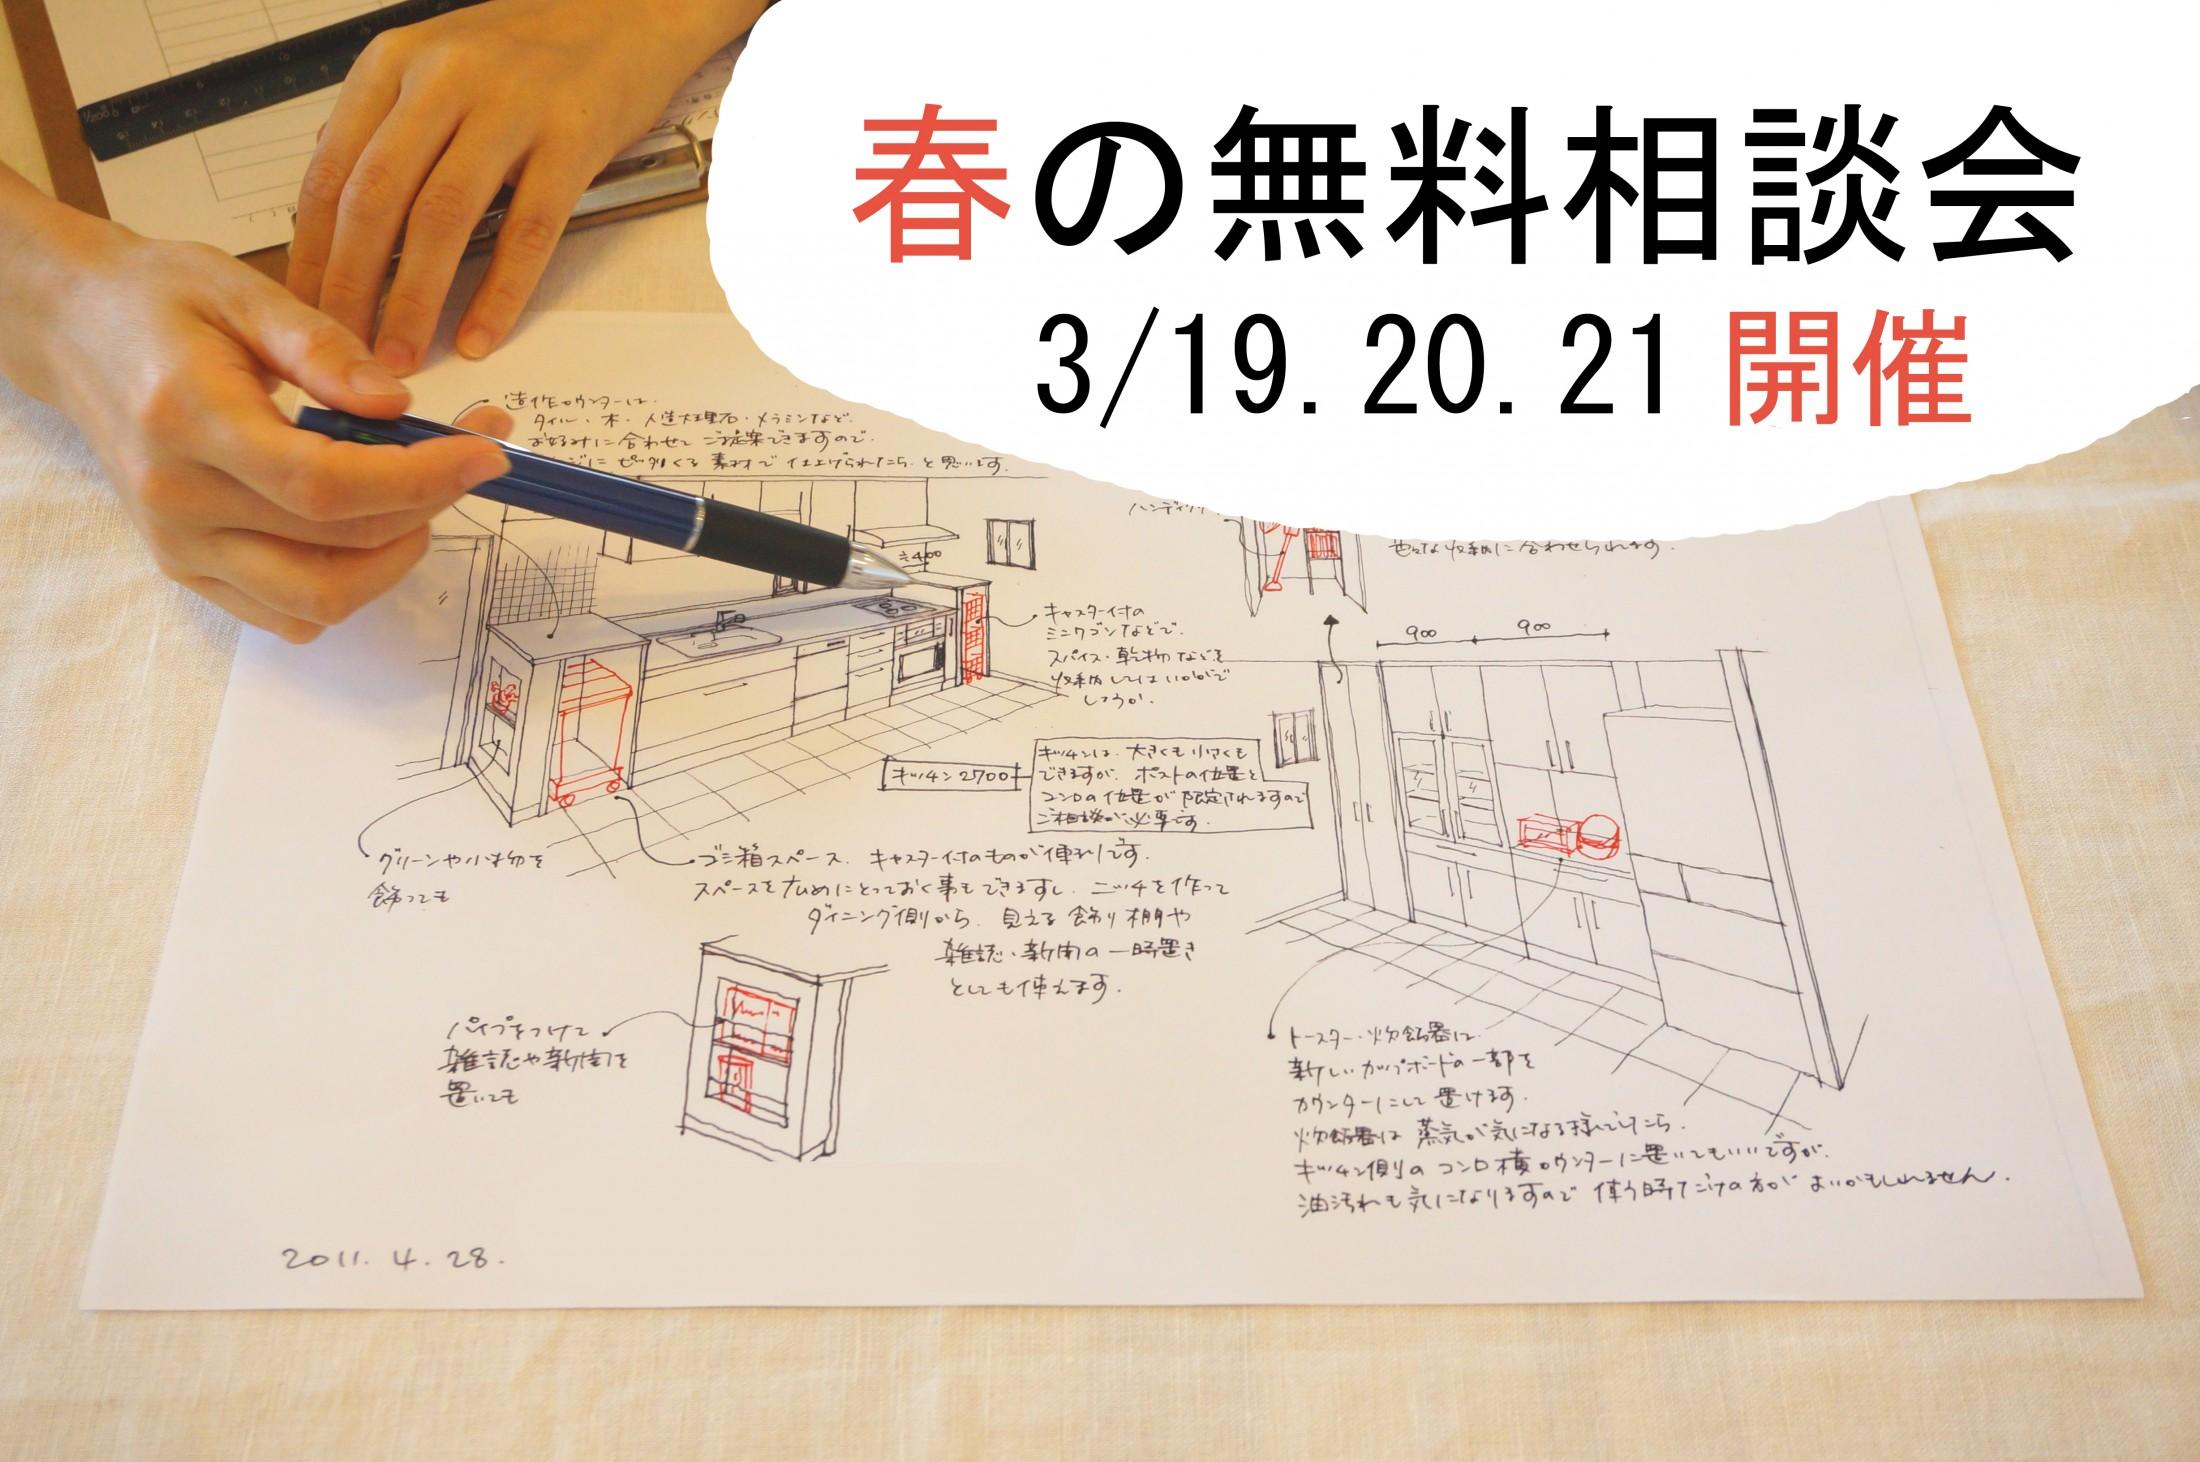 3/19.20.21 リノベーション相談会を開催します